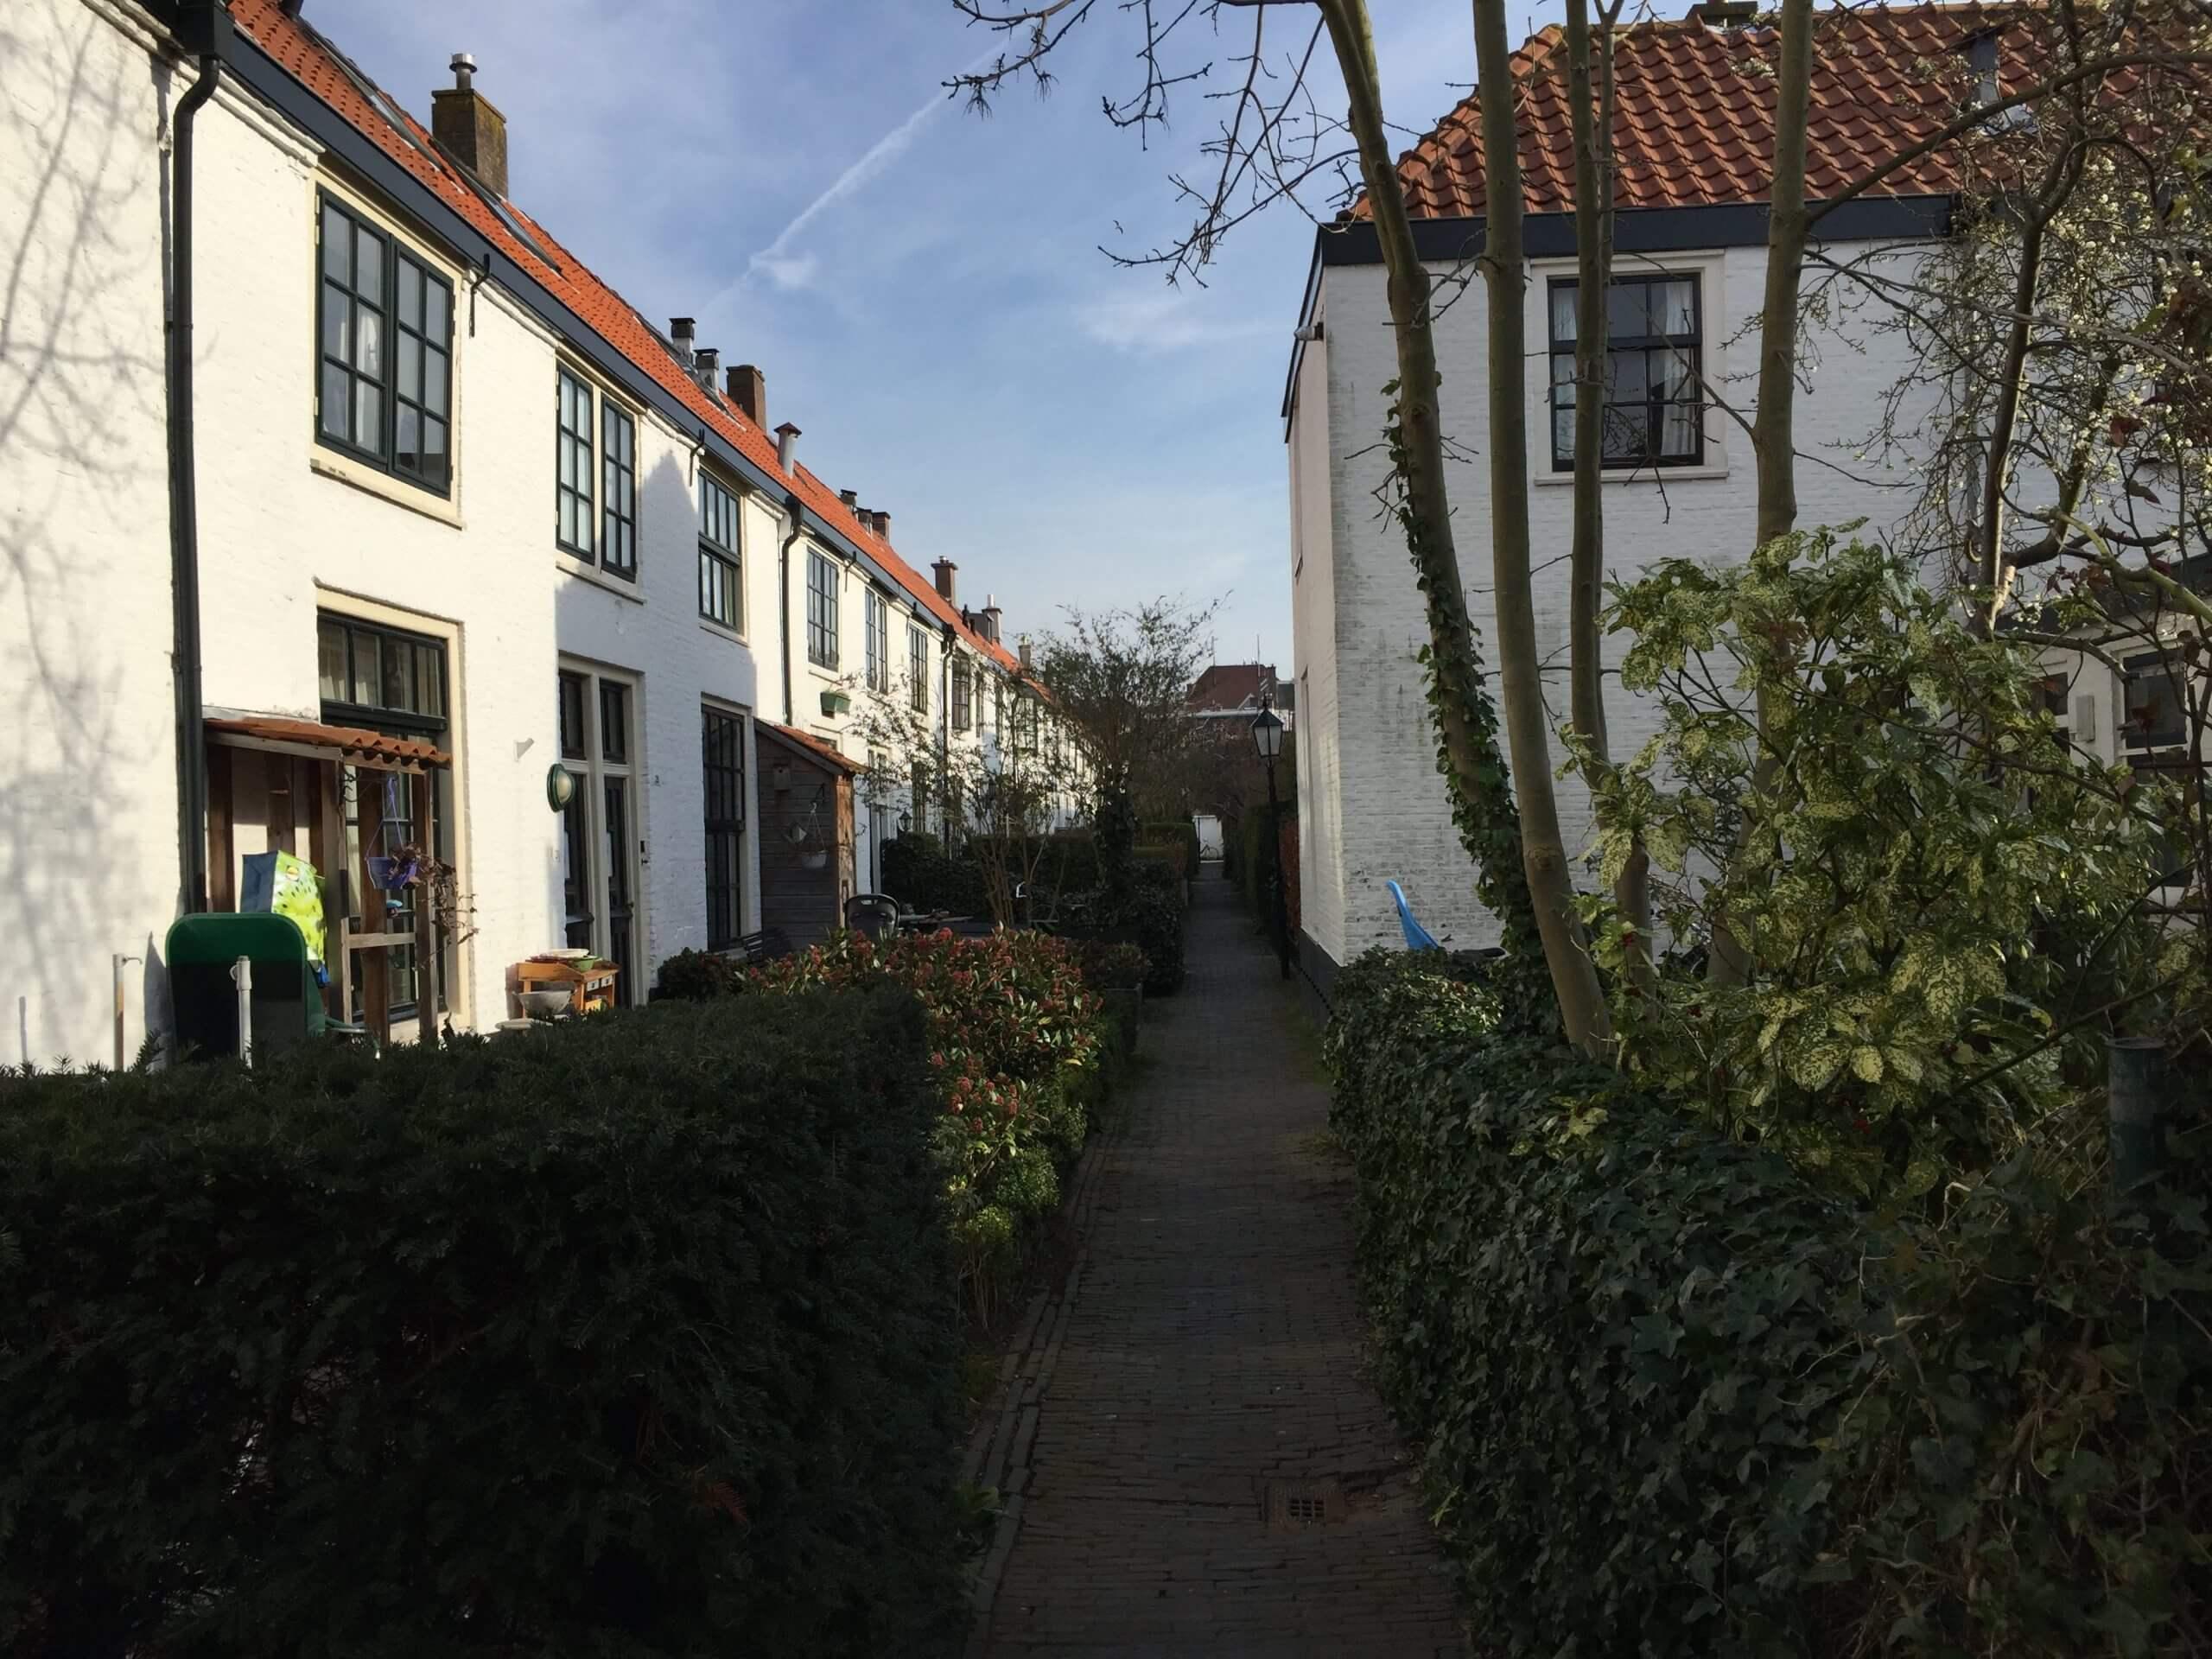 Voor een opdrachtgever van de Mallemolen 55 te Den Haag voert Adriaan Jurriëns architecten op dit moment een ontwerpstudie uit naar de mogelijkheden van een tuinkamer. De